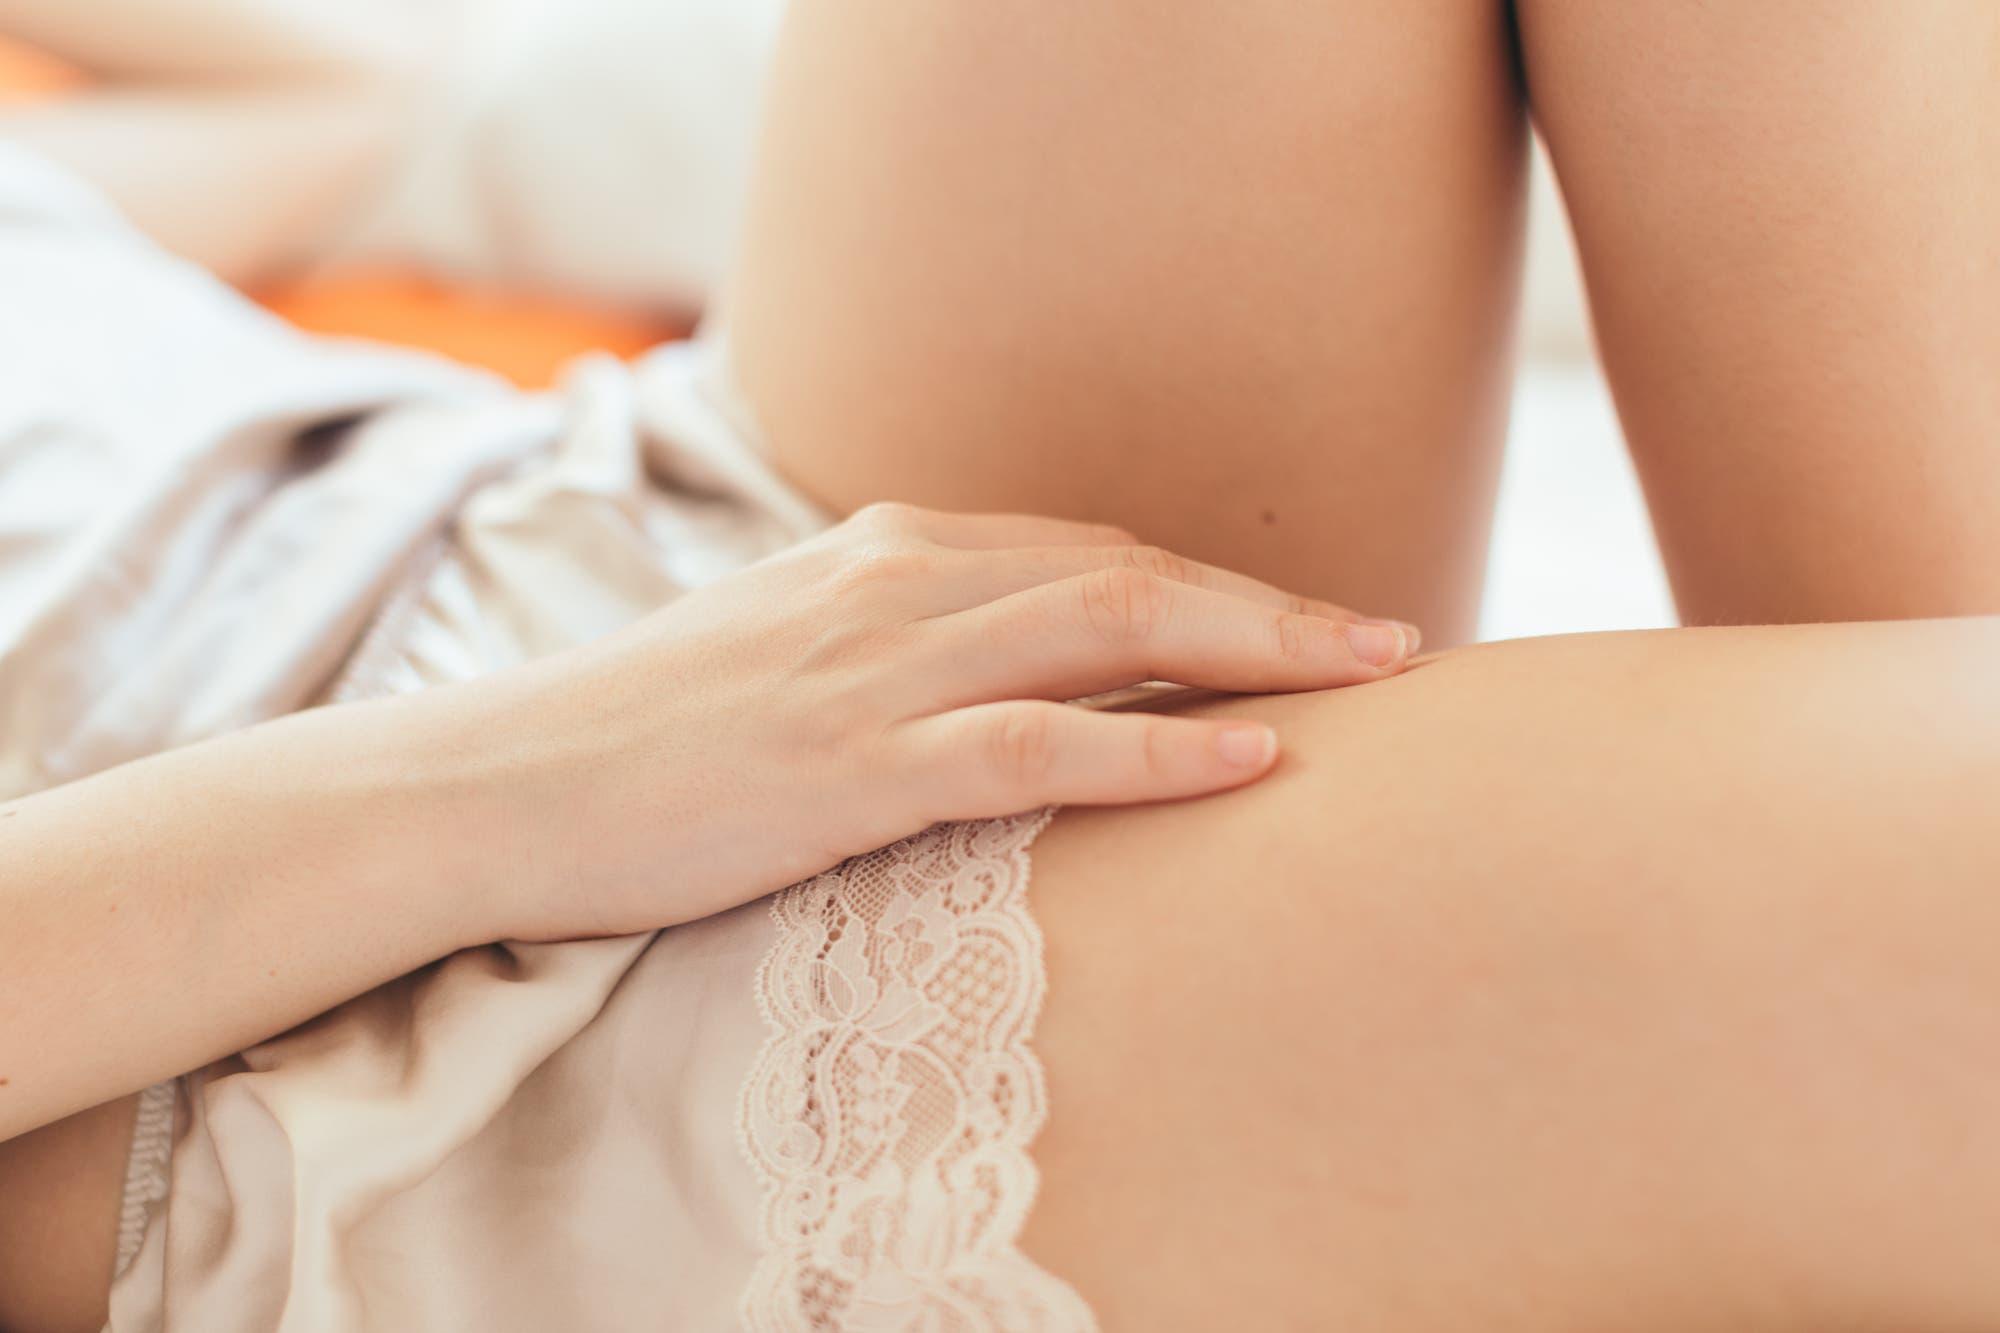 """Orgasmos De Chicas solo llego al orgasmo por mi cuenta"""". 4 mujeres cuentan sus"""